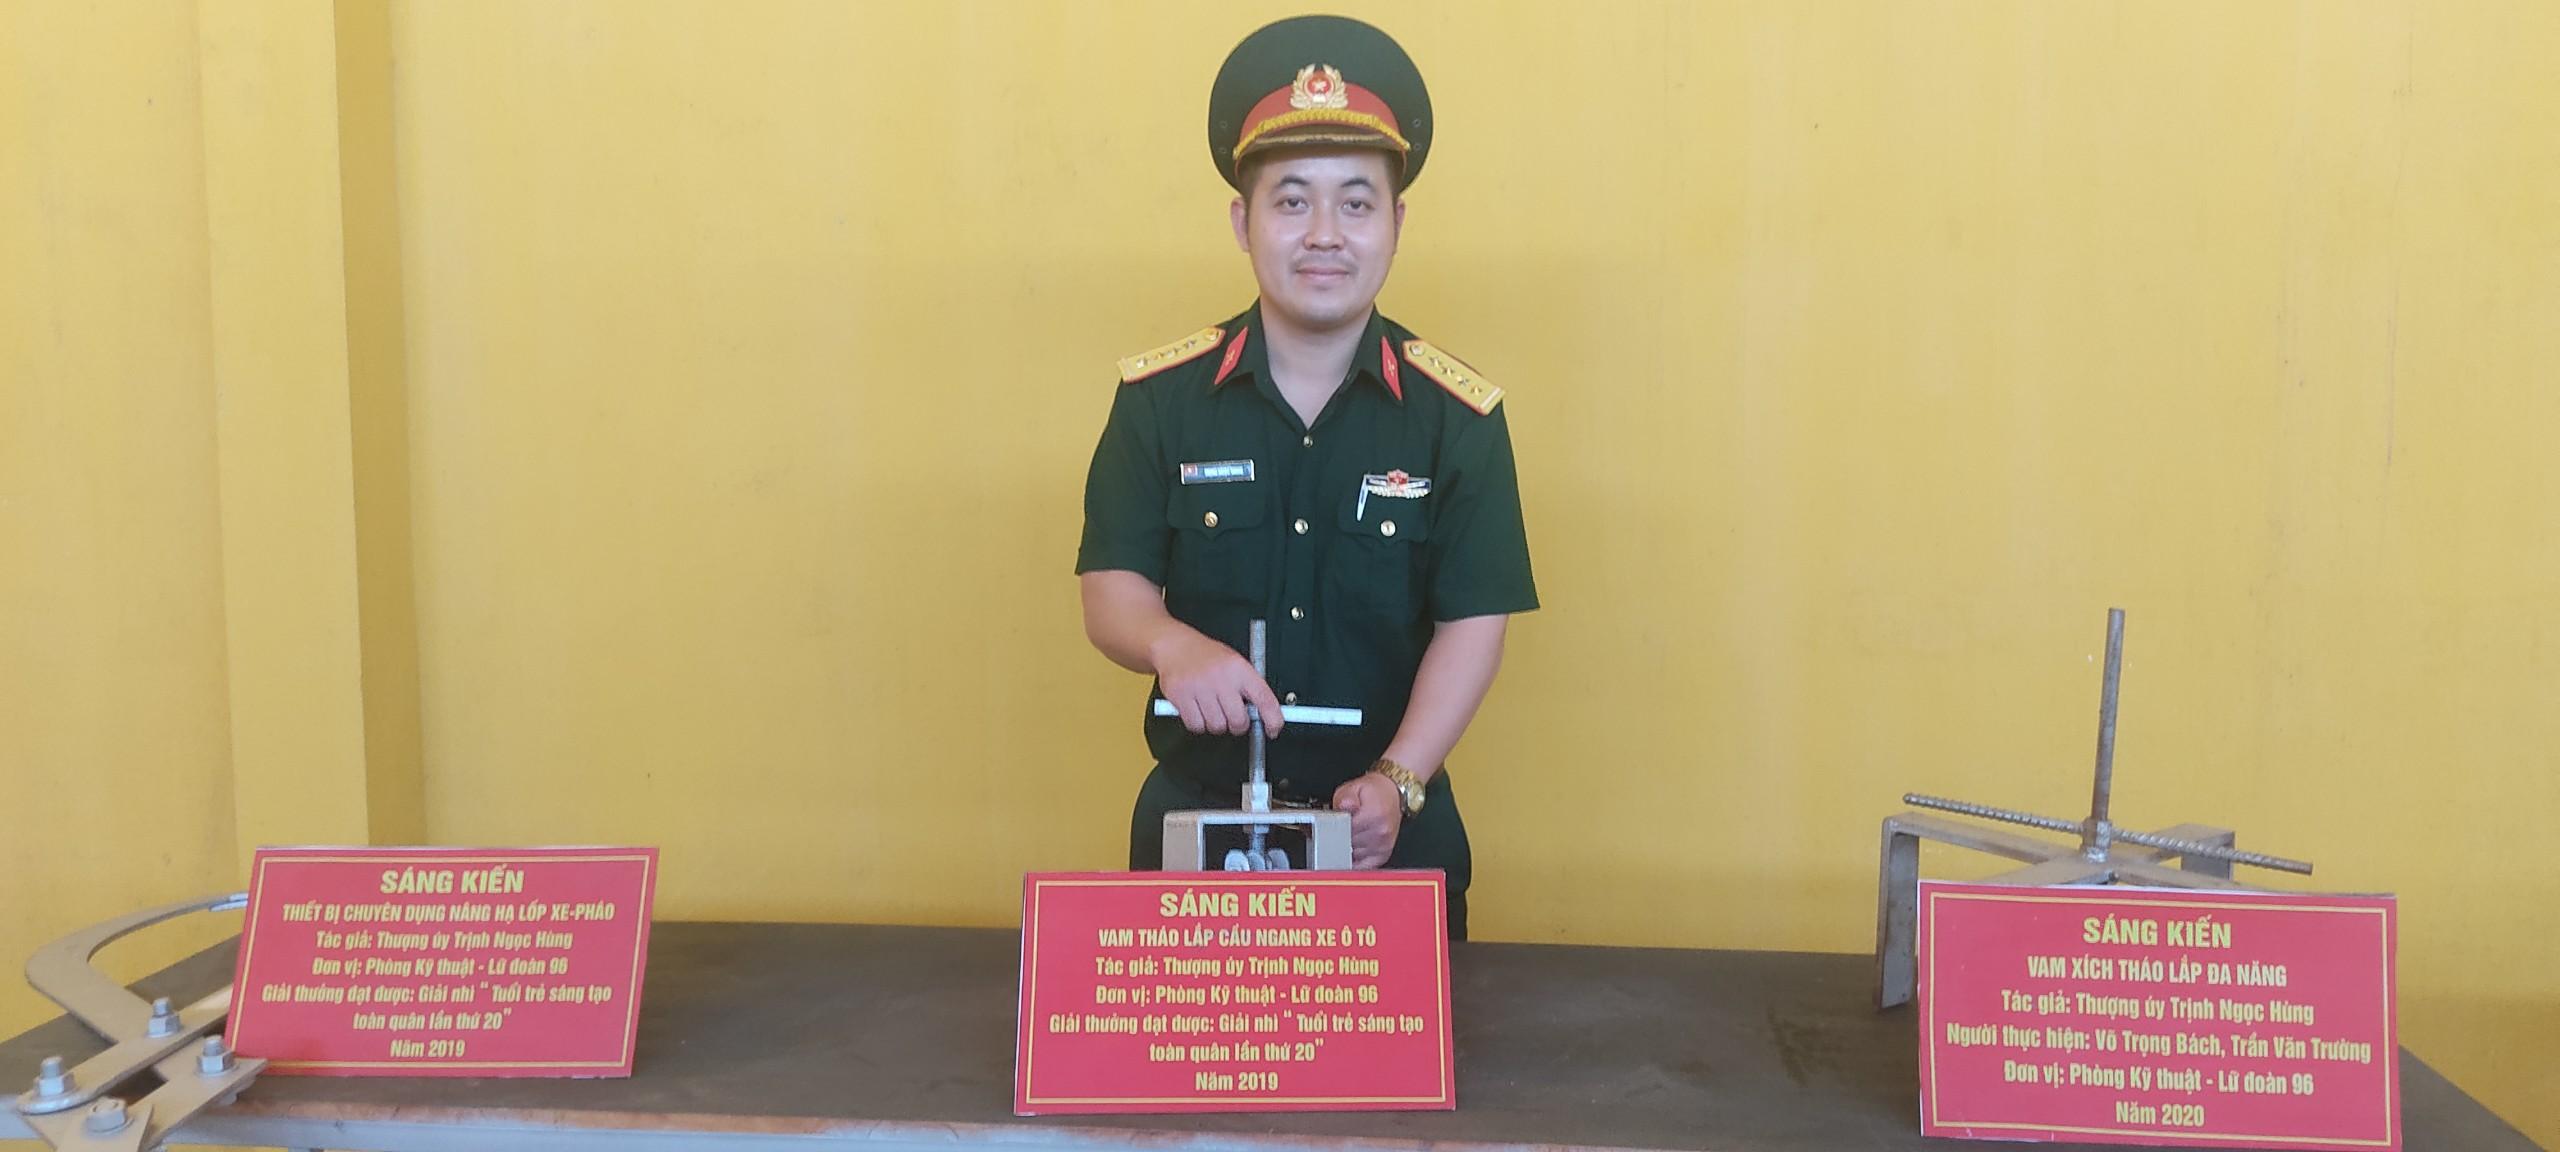 """Sáng kiến """"Vam tháo lắp cầu ngang xe ô tô"""" của Đại úy Trịnh Ngọc Hùng đạt giải Nhì tại Hội thi """"Tuổi trẻ sáng tạo toàn quân lần thứ 20"""""""